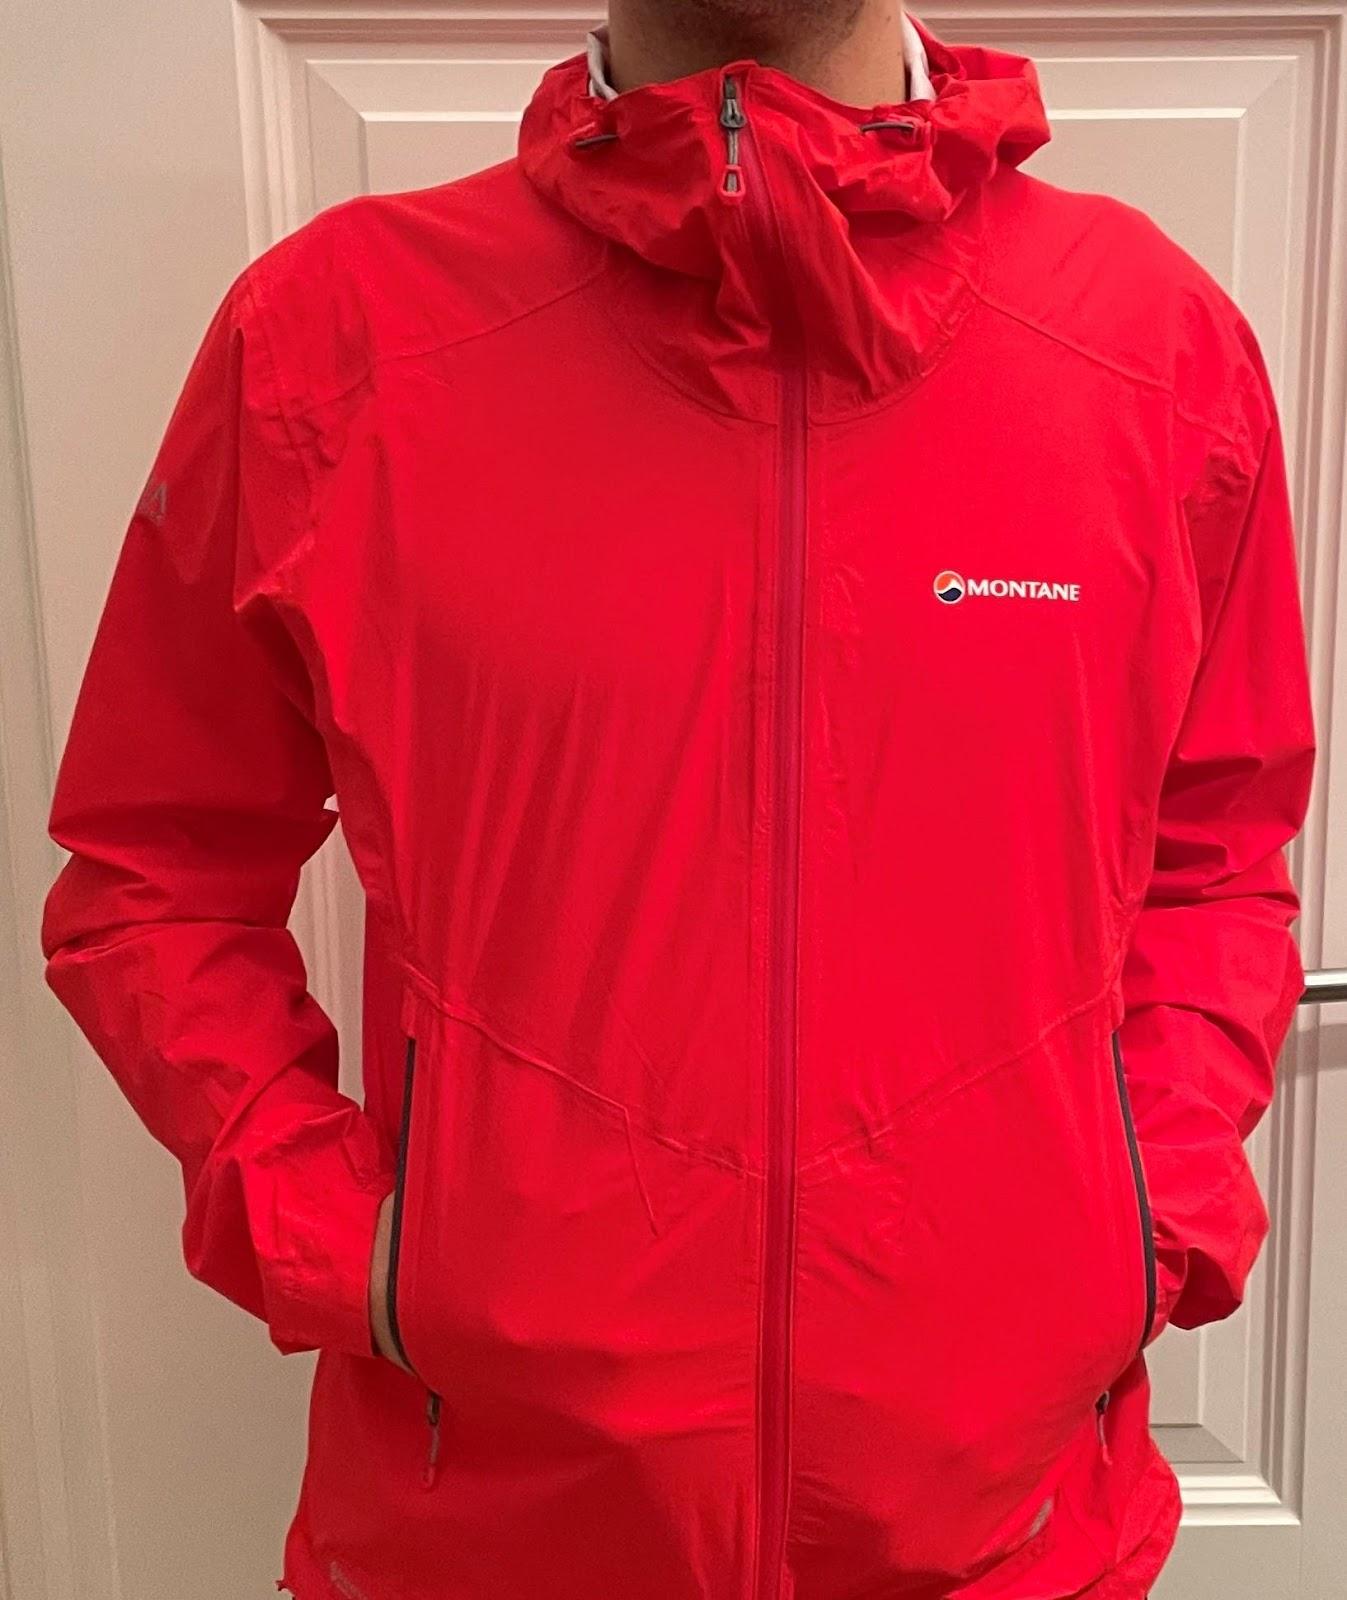 Ein Bild, das Person, Wand, rot, Kleidung enthält.  Automatisch generierte Beschreibung